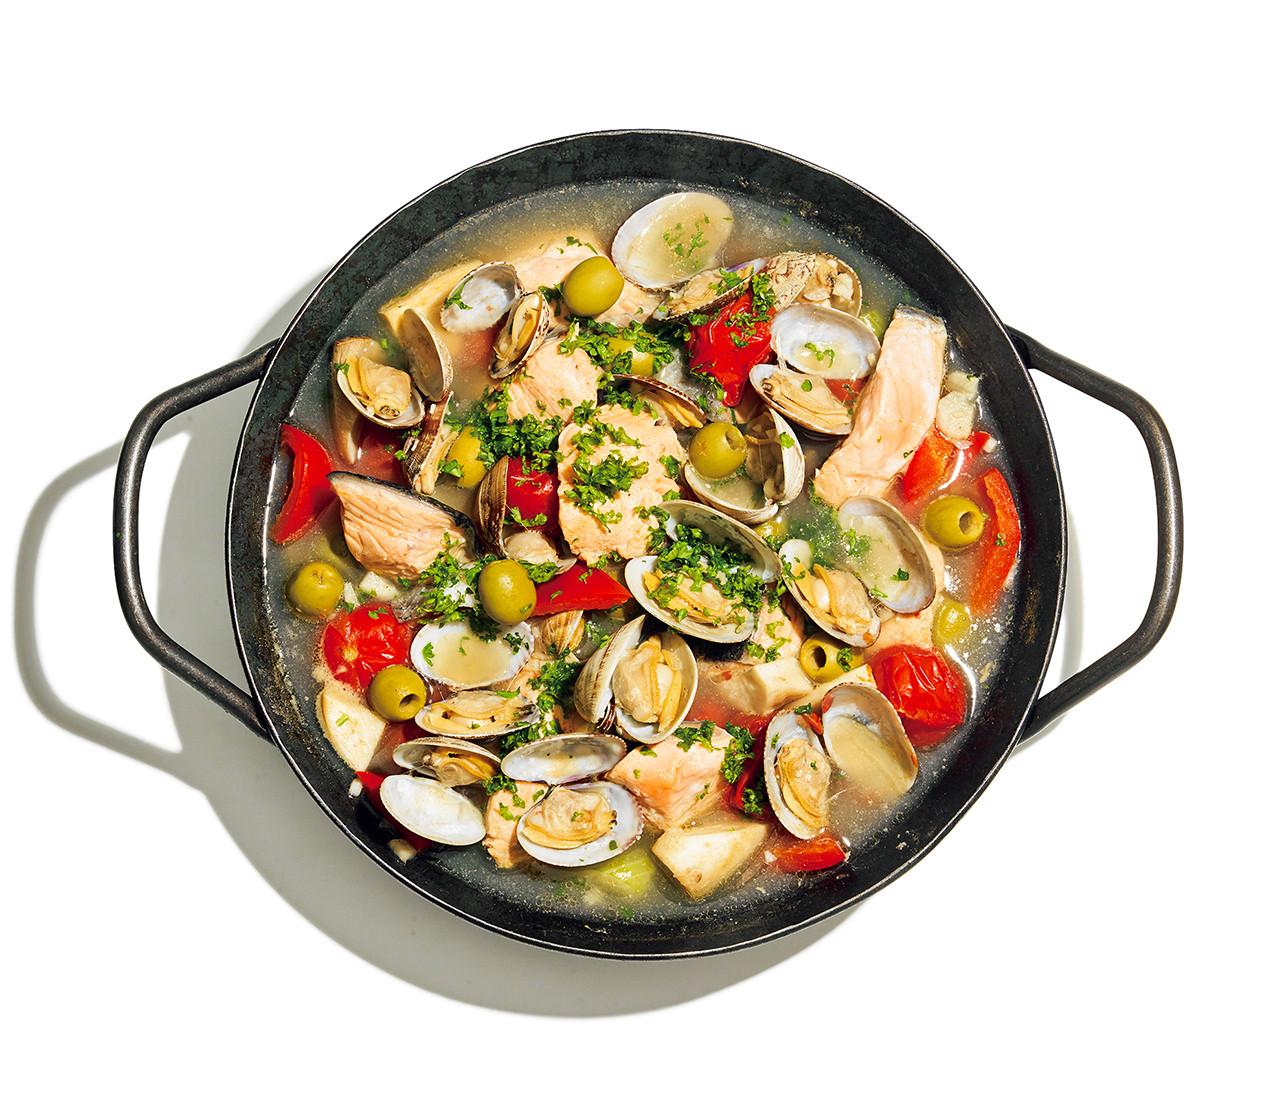 抗酸化力のある食材でエイジングケア♡鍋レシピ3品【Atsushiさんの美人鍋レシピ3】